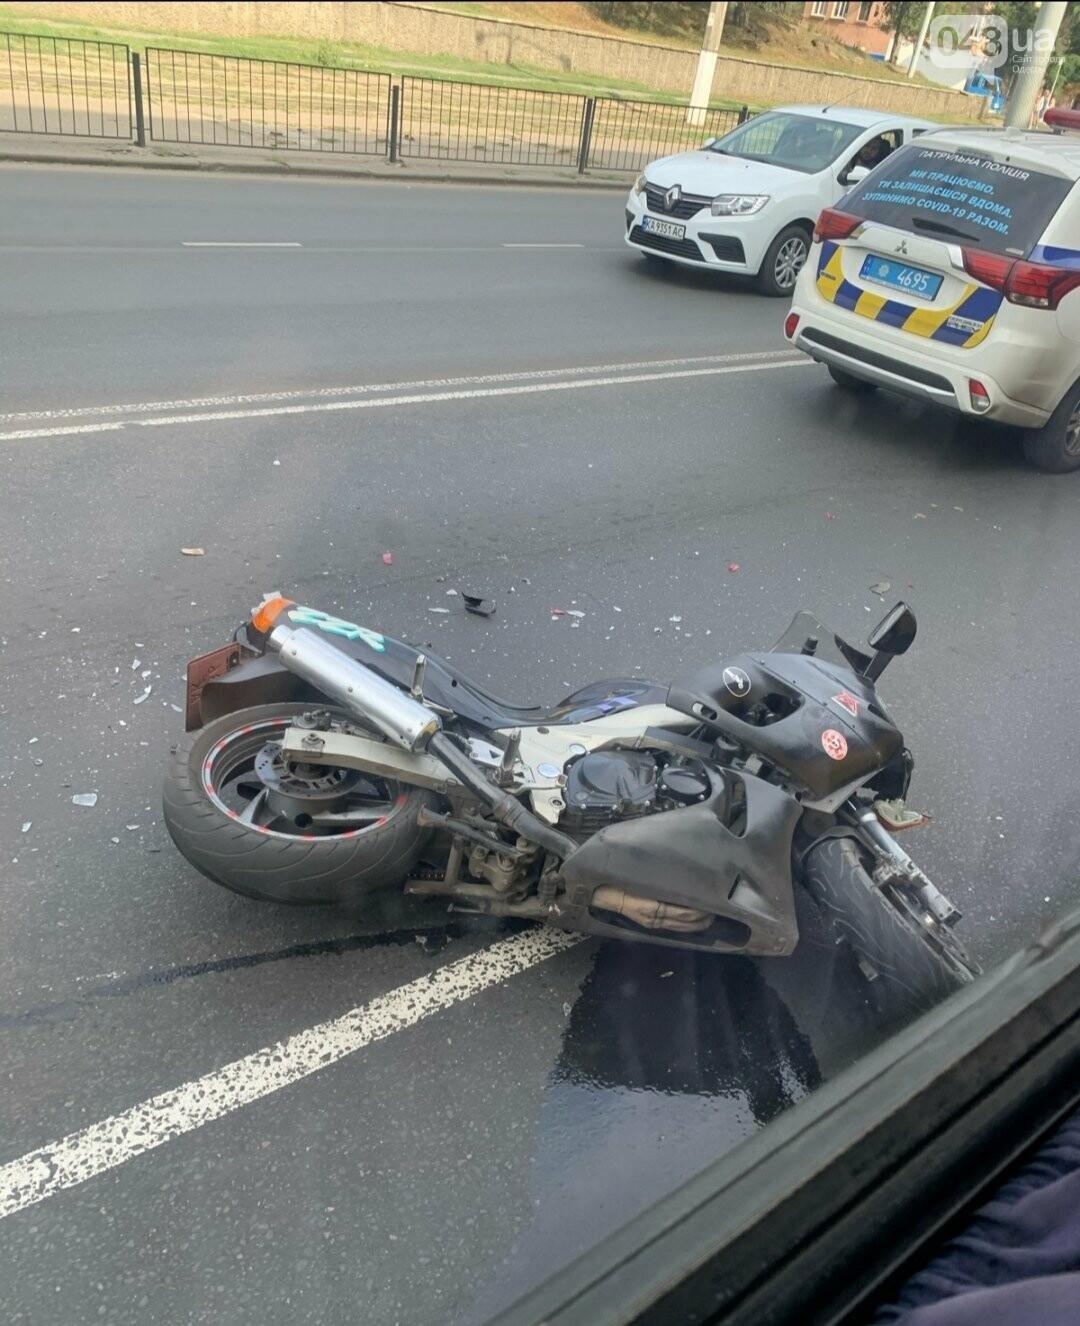 В Одессе произошло ДТП с участием мотоцикла, - ФОТО1